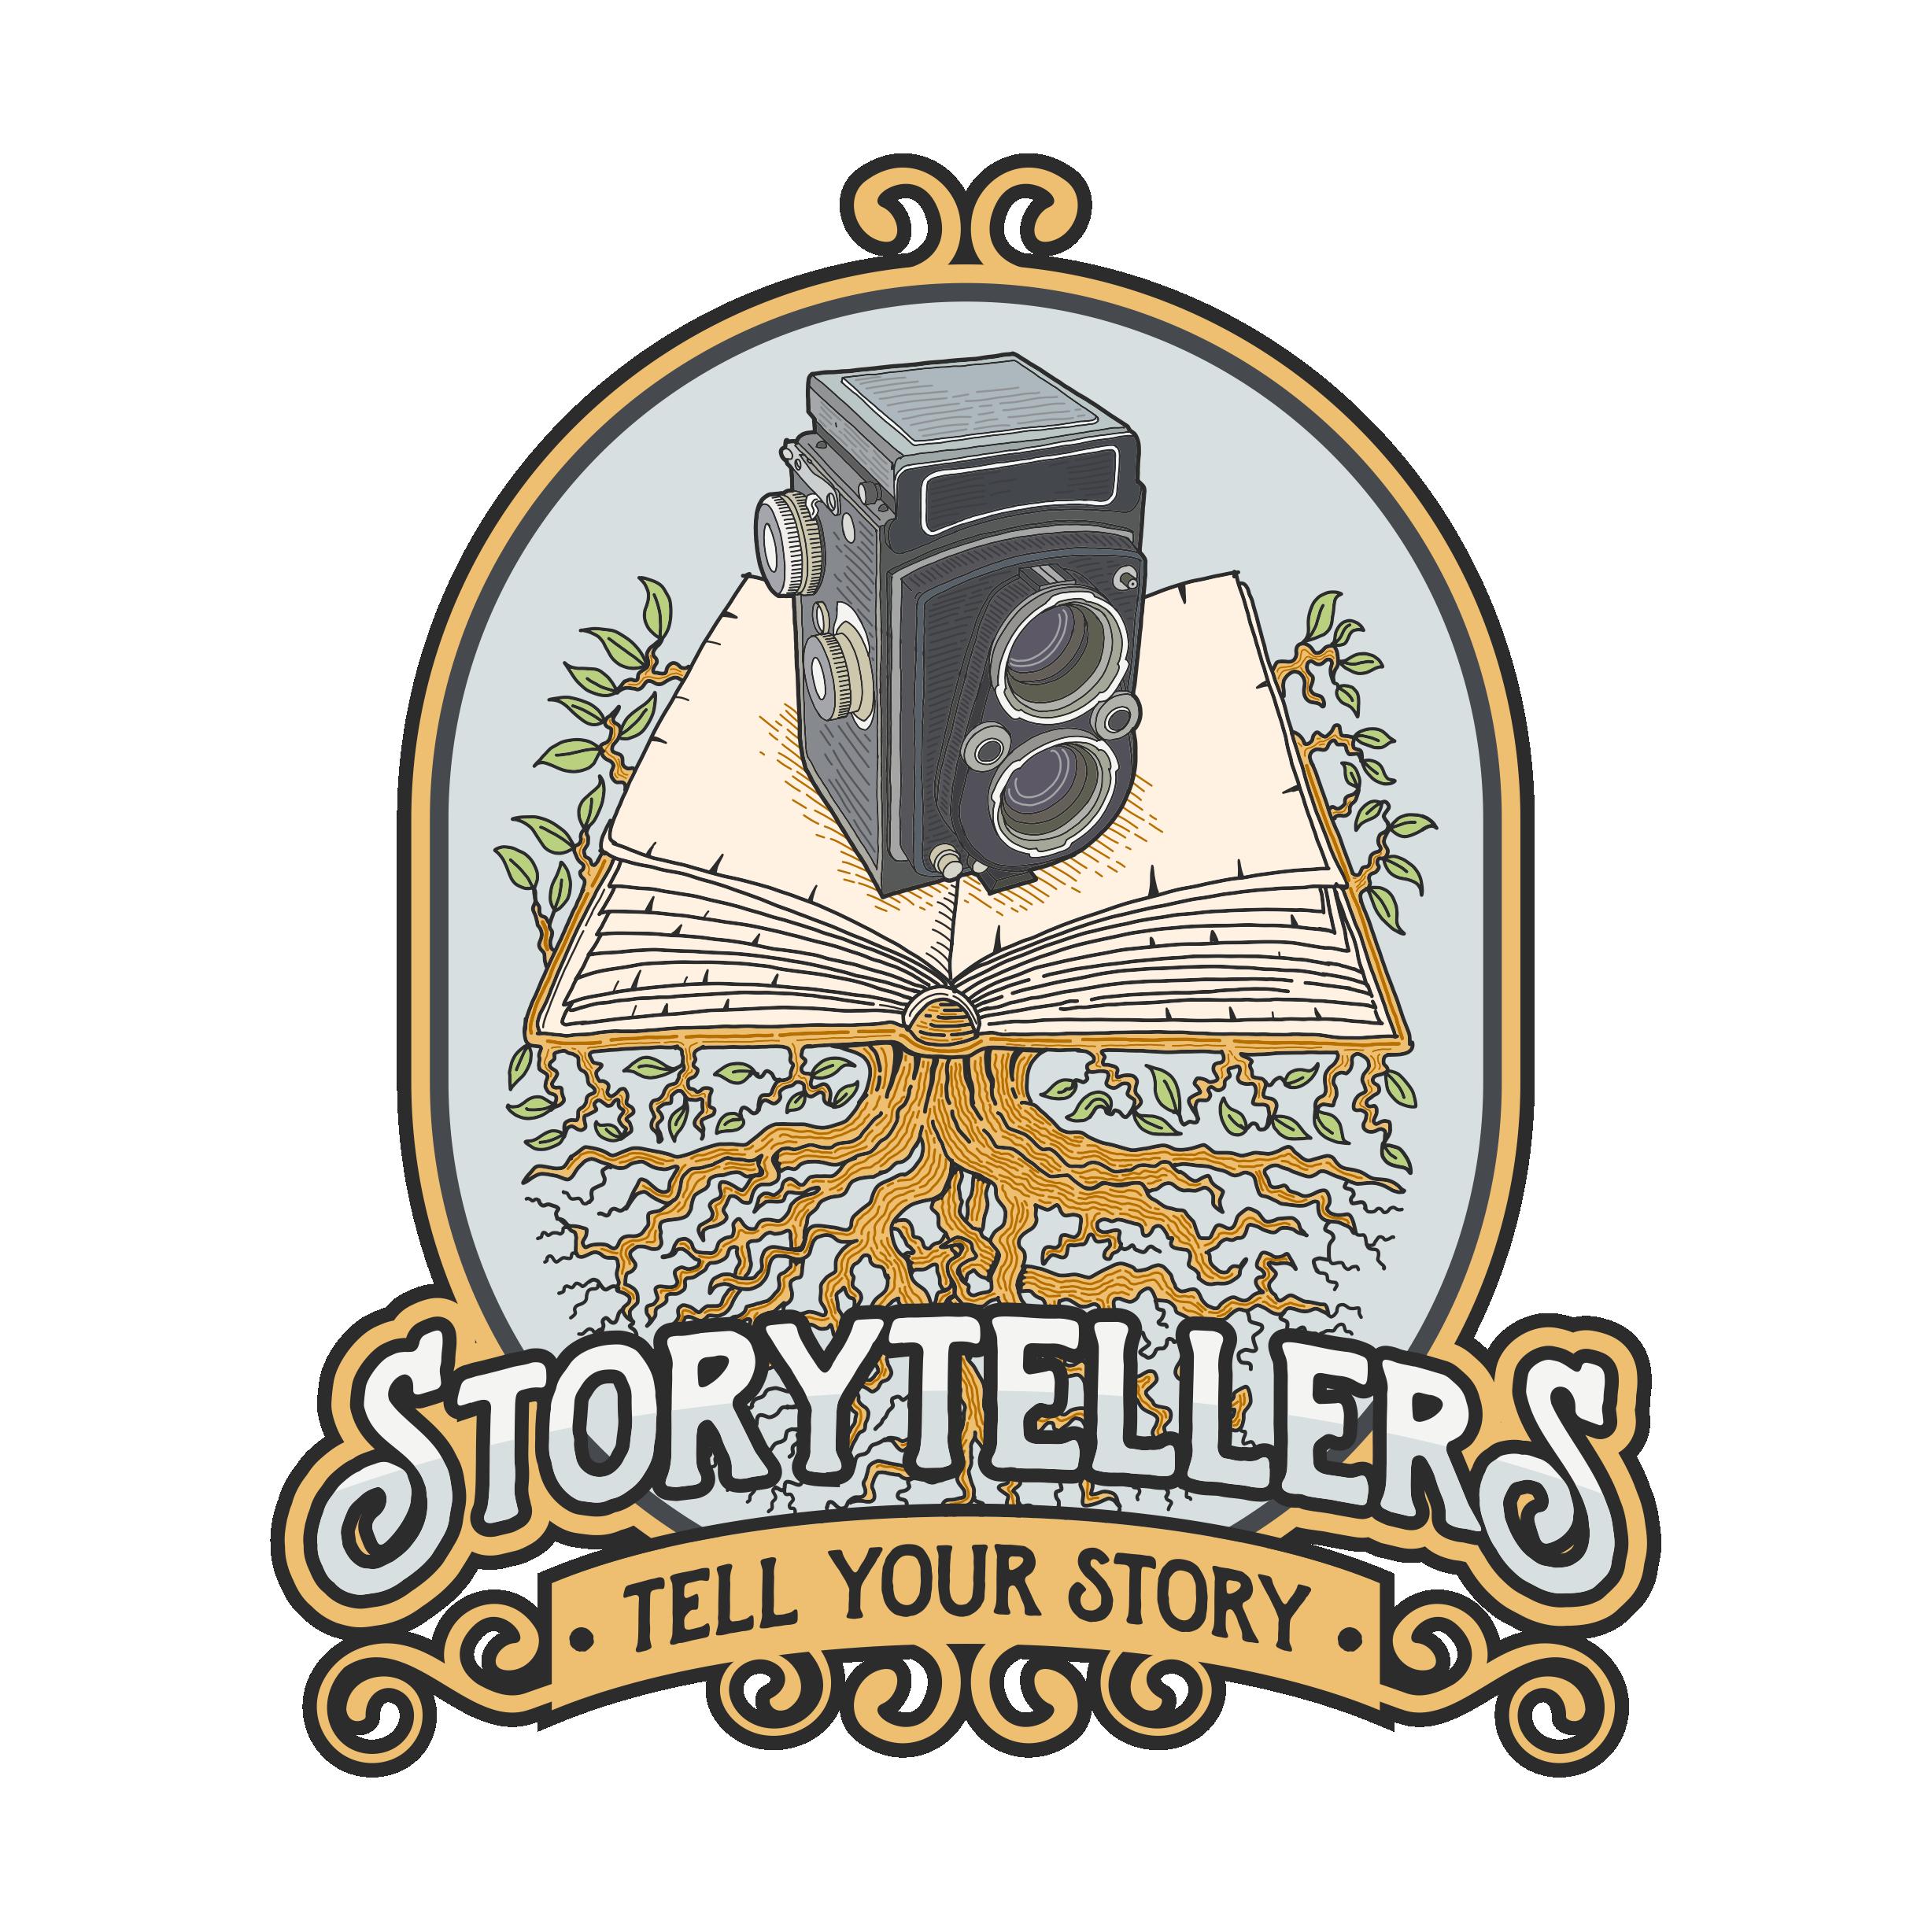 Storytellers 1b.png